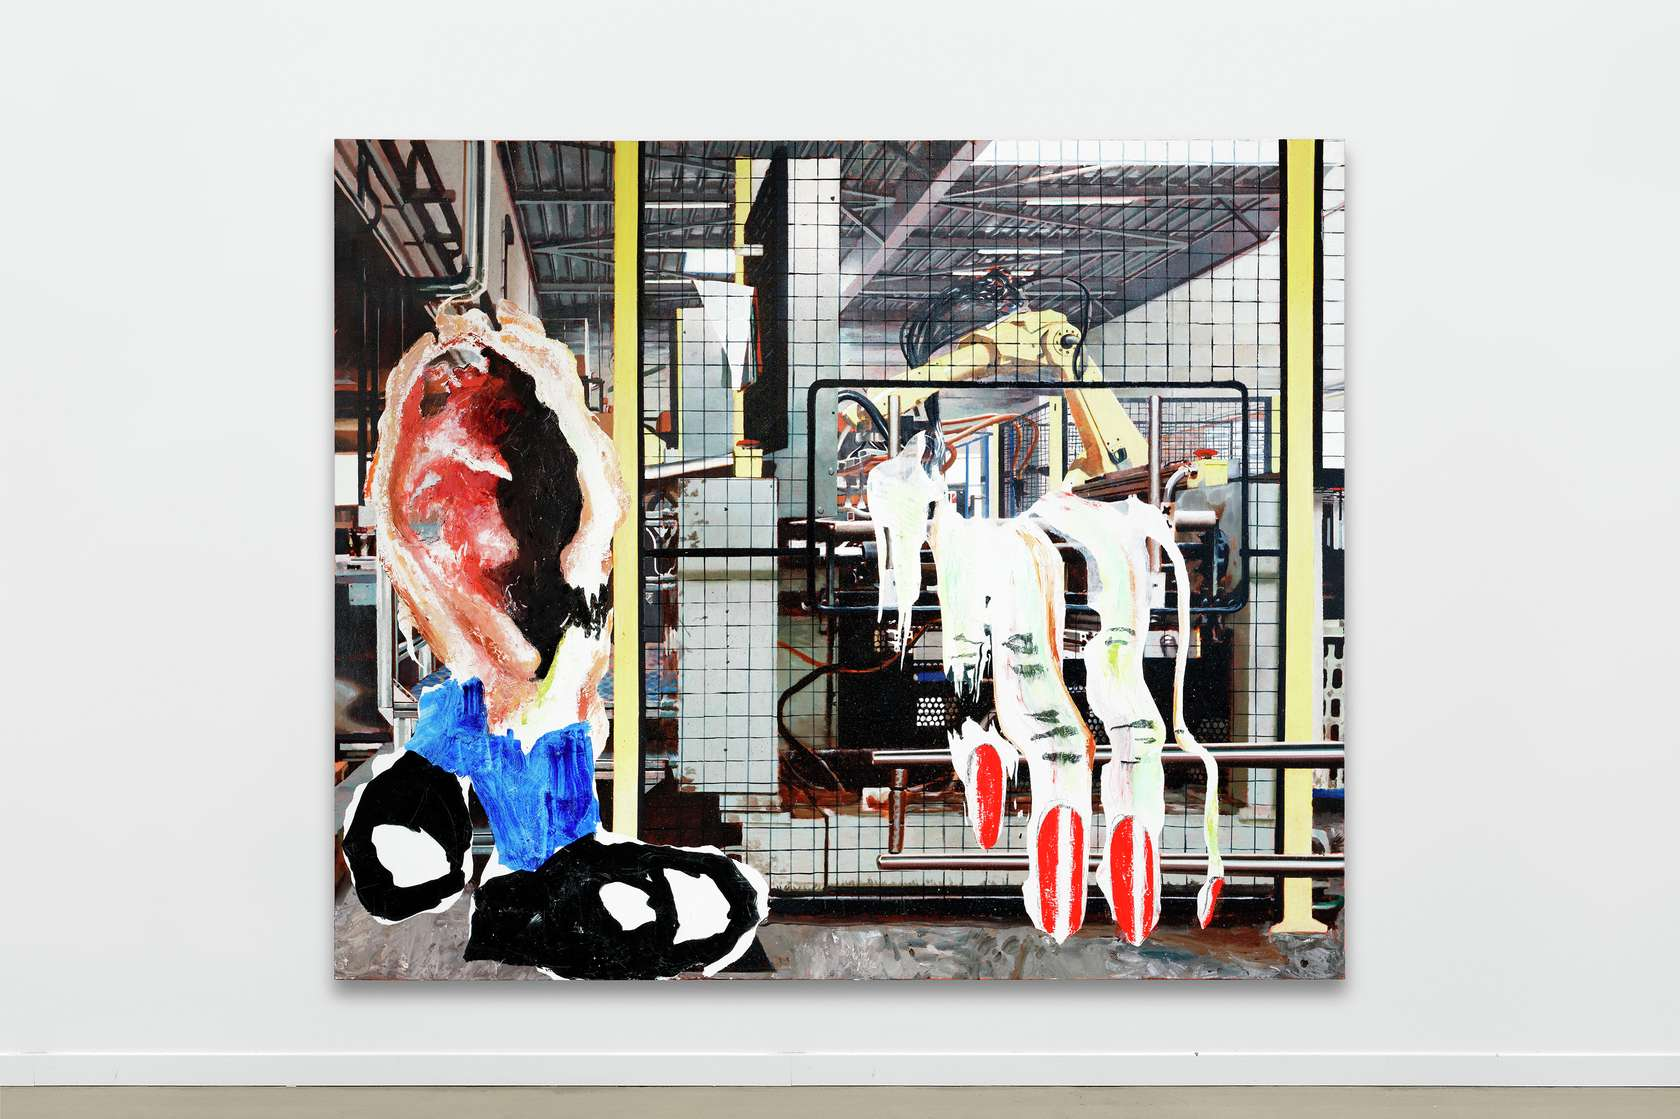 Laurent Proux, Oreille (accident), 2018 Huile sur toile240 x 200cm / 94 1/2 x 78 6/8inches